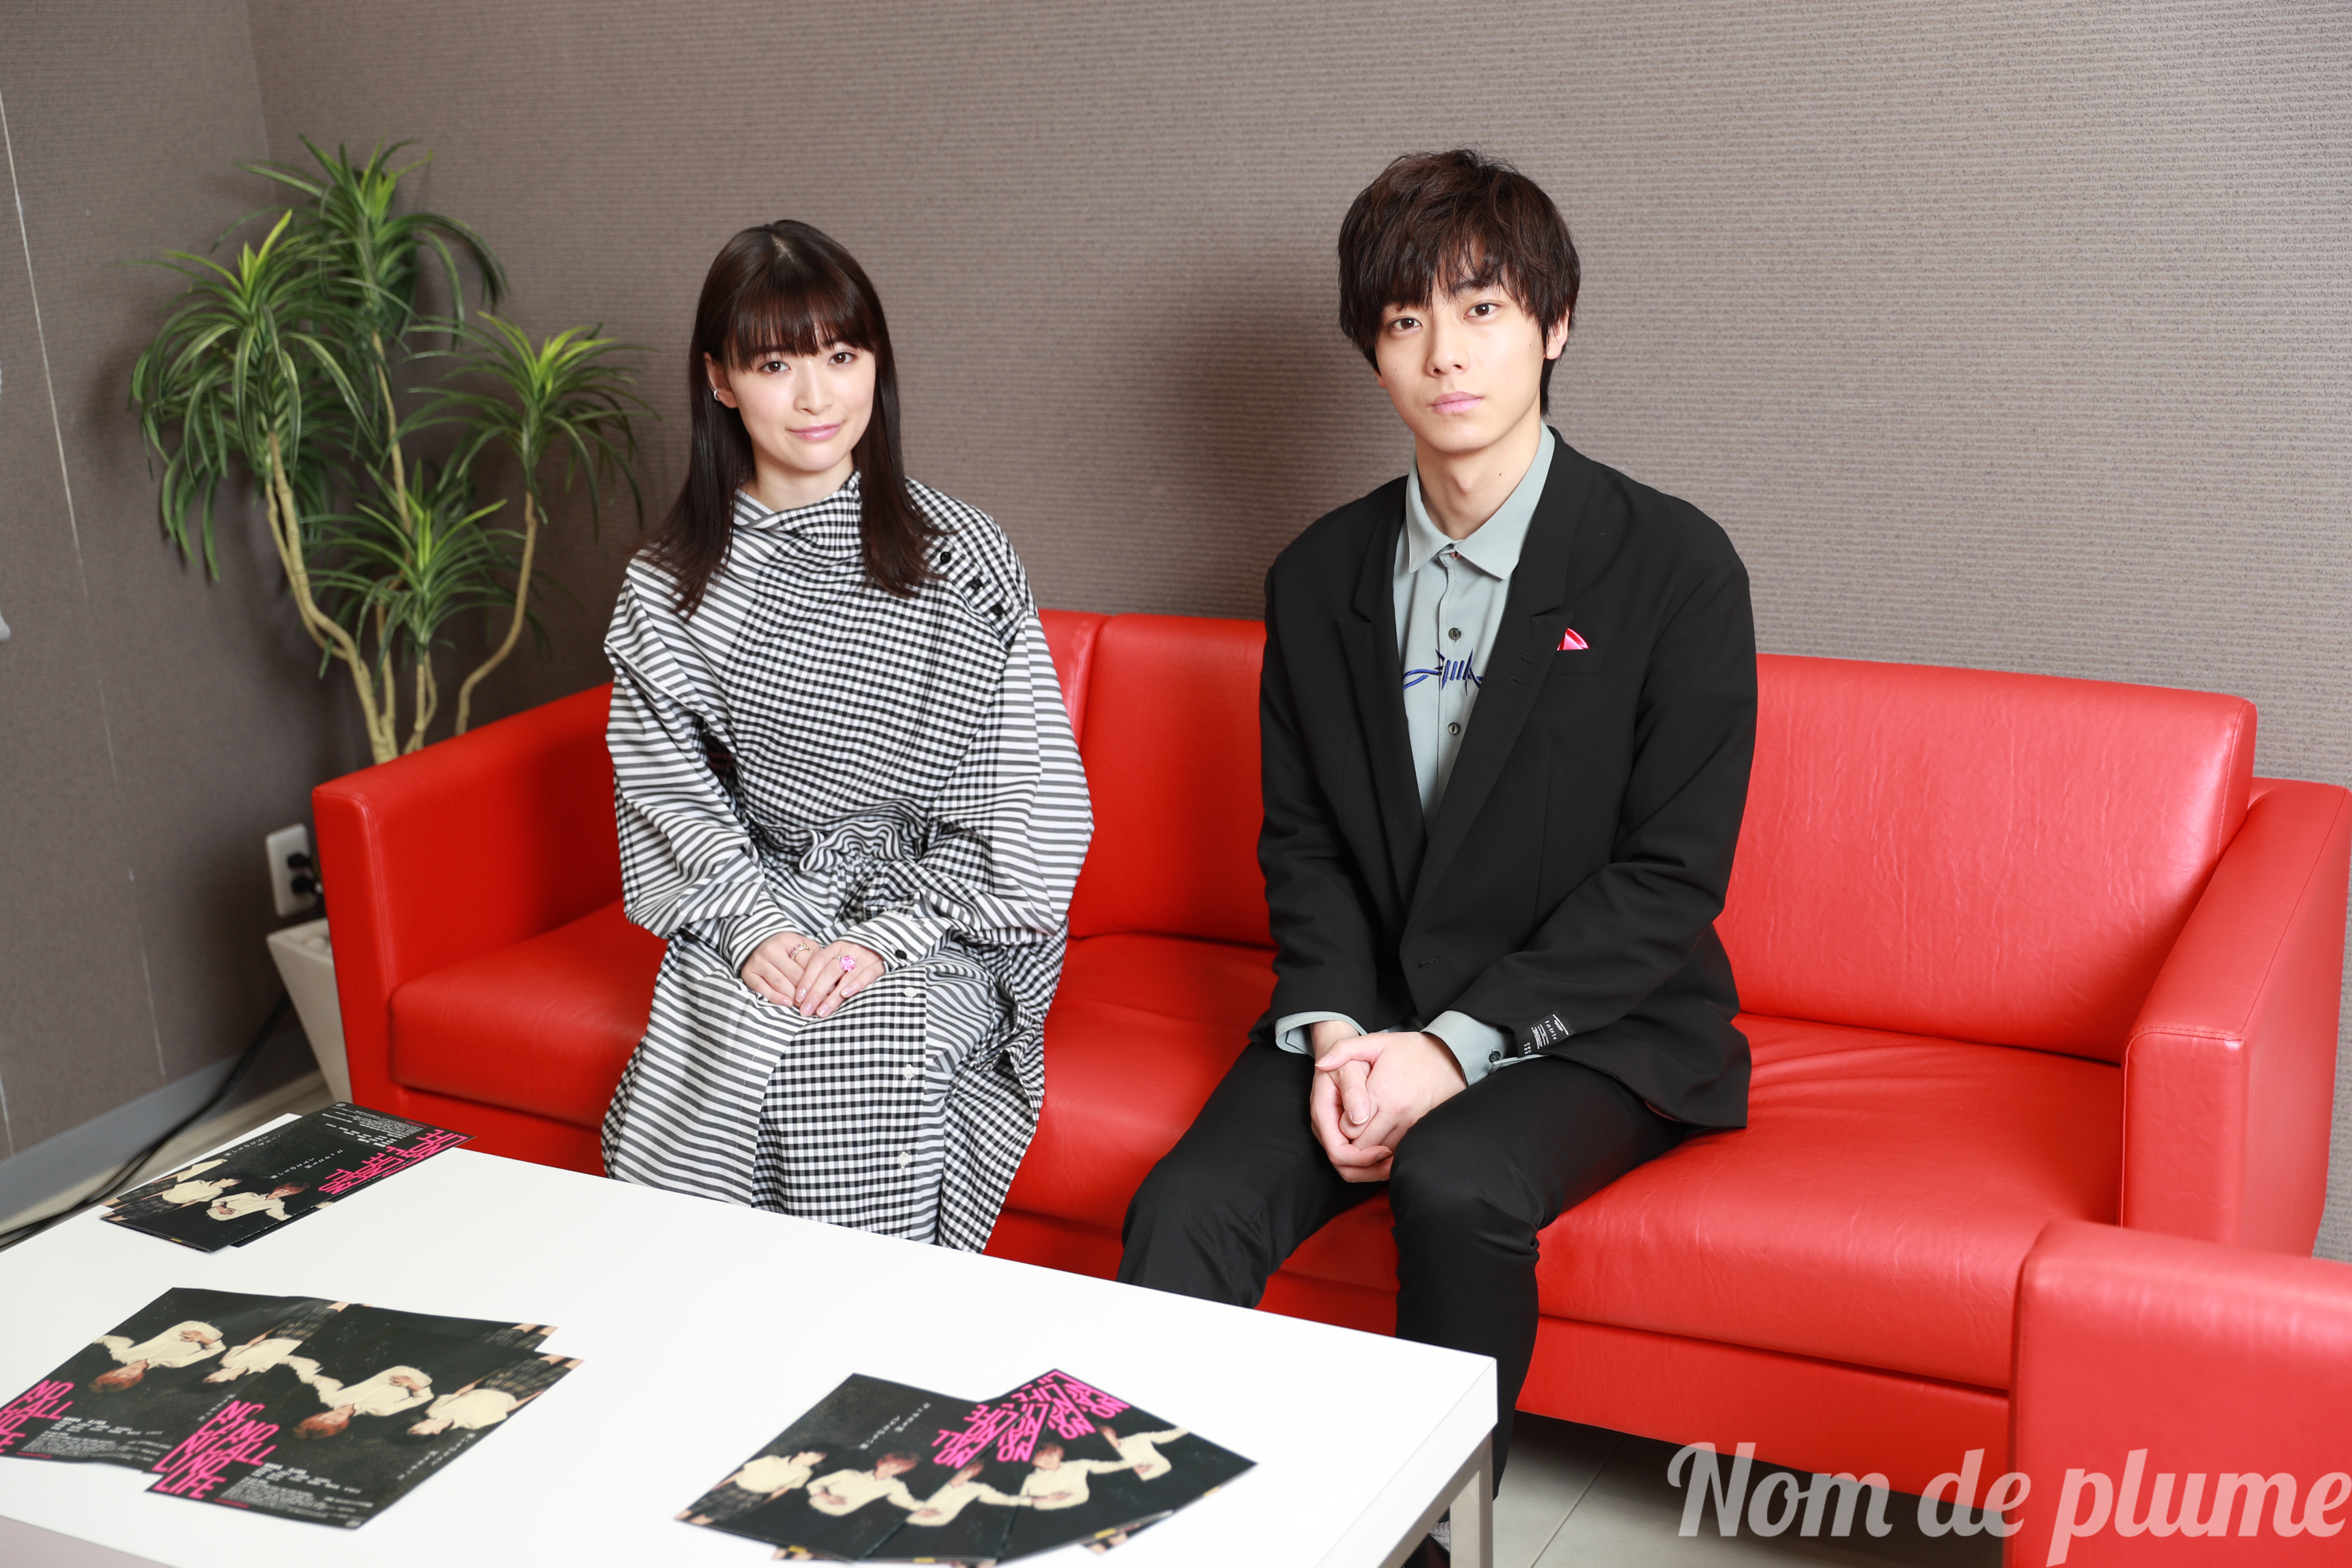 映画『NO CALL NO LIFE』優希美青、井上祐貴に独占インタビュー!🎉  「10代のふたりの気持ちがすごく理解できました」